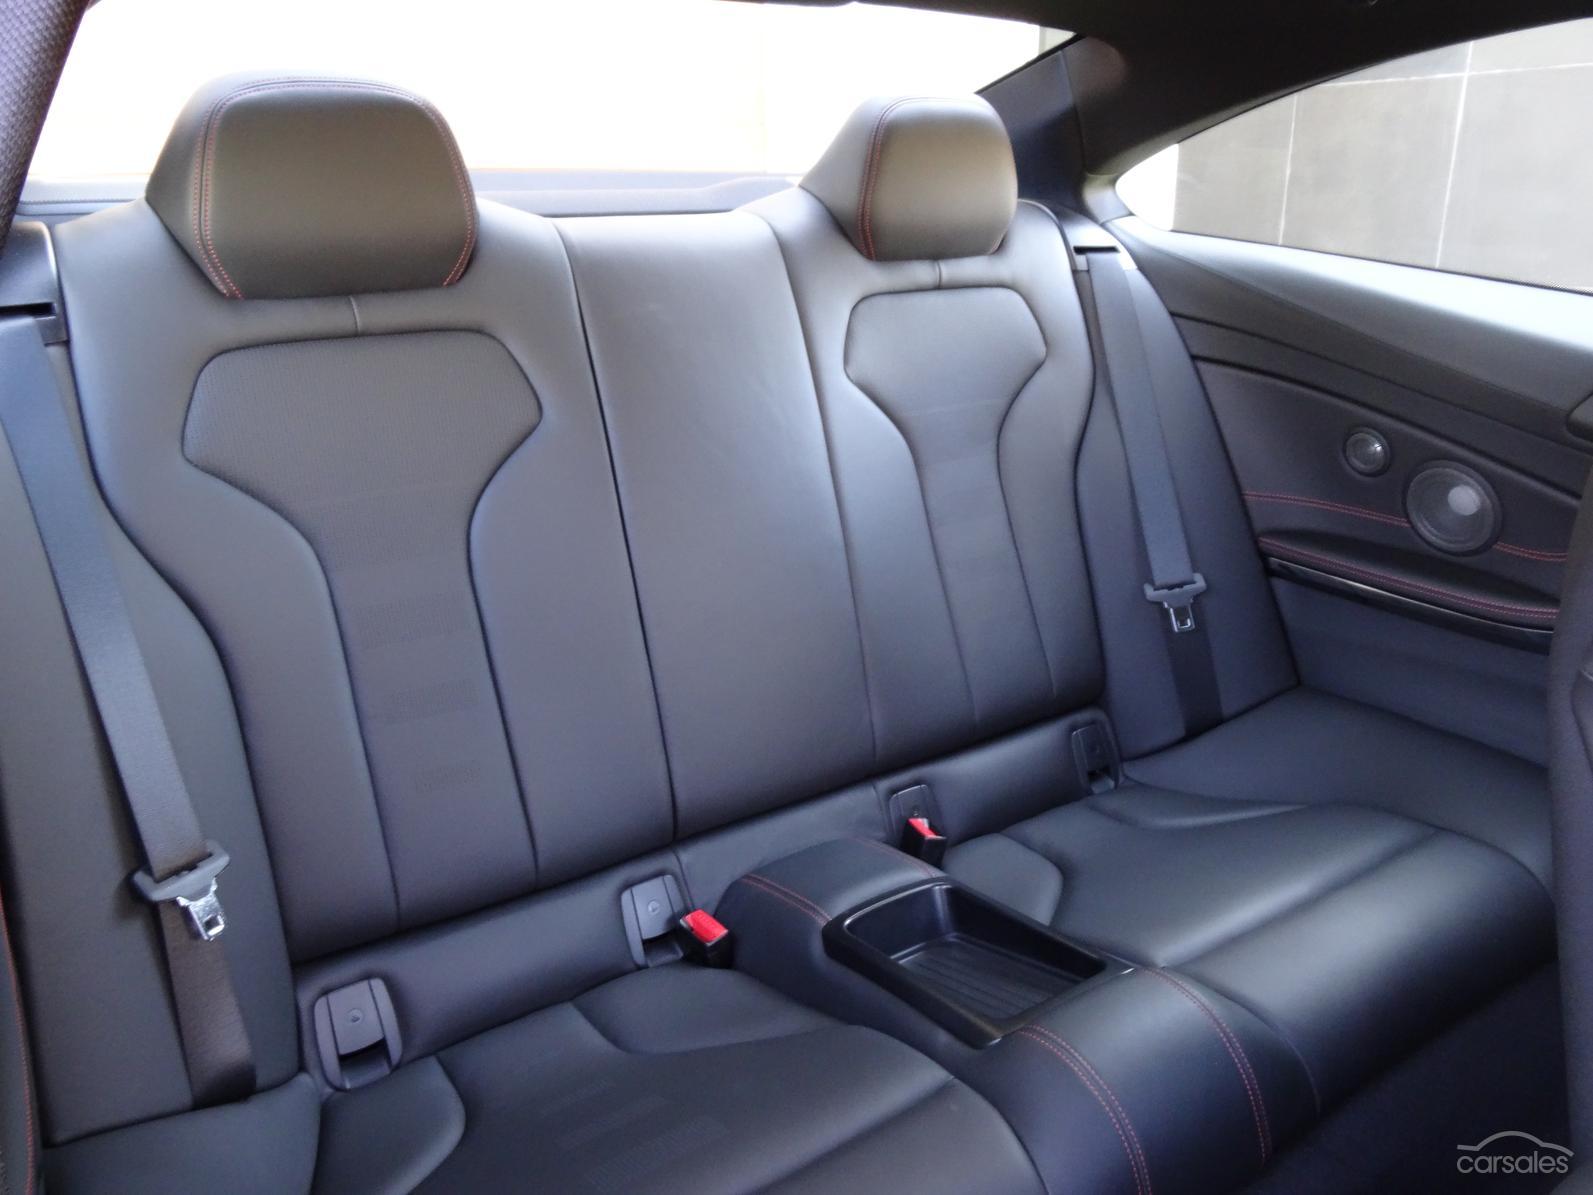 2015 BMW M4 F82 Auto-SSE-AD-4299877 - carsales.com.au F Bmw Seat Wiring Diagram on